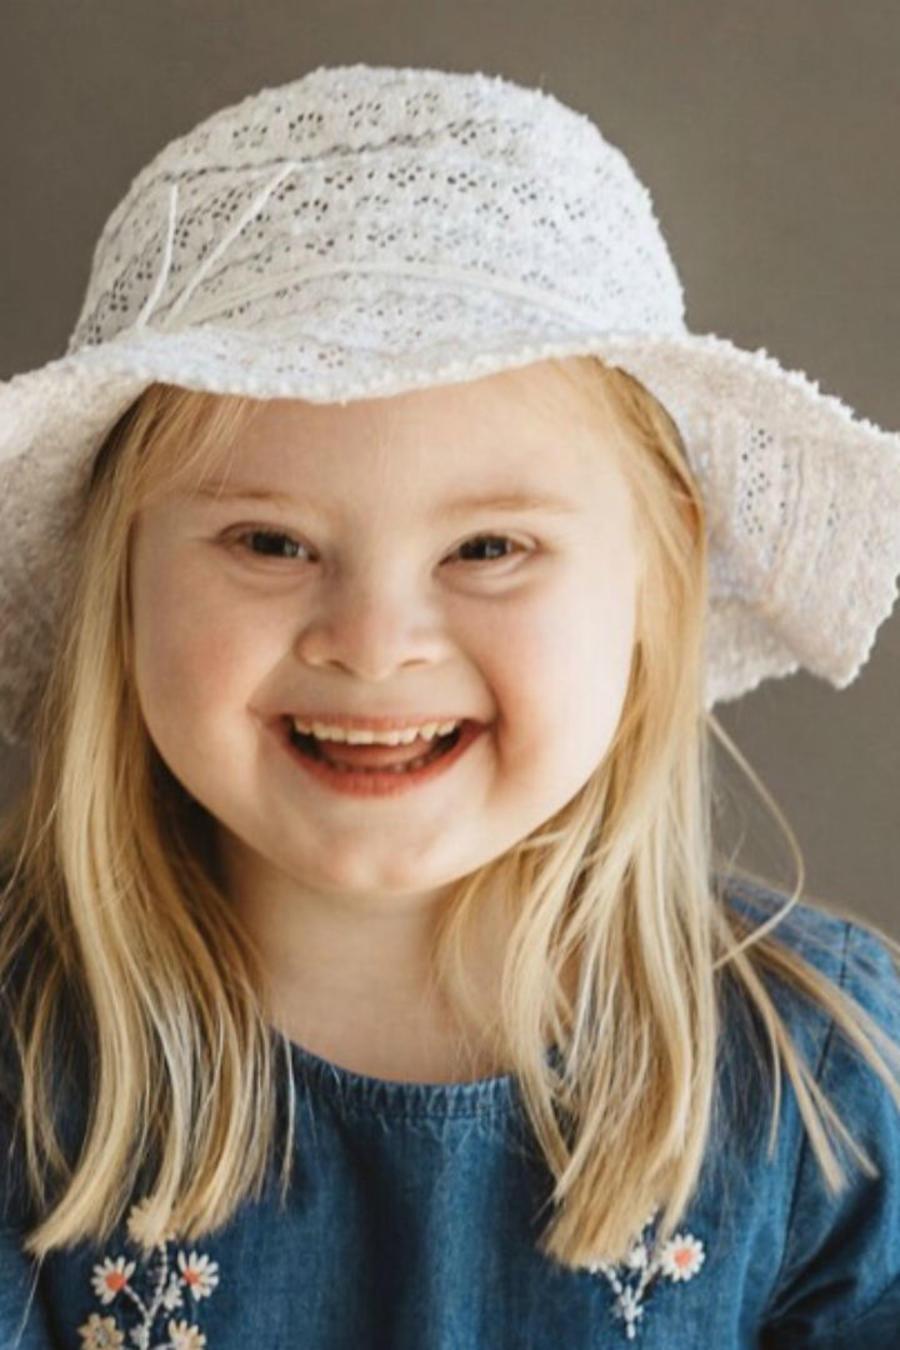 Grace modelo con Síndrome de Down